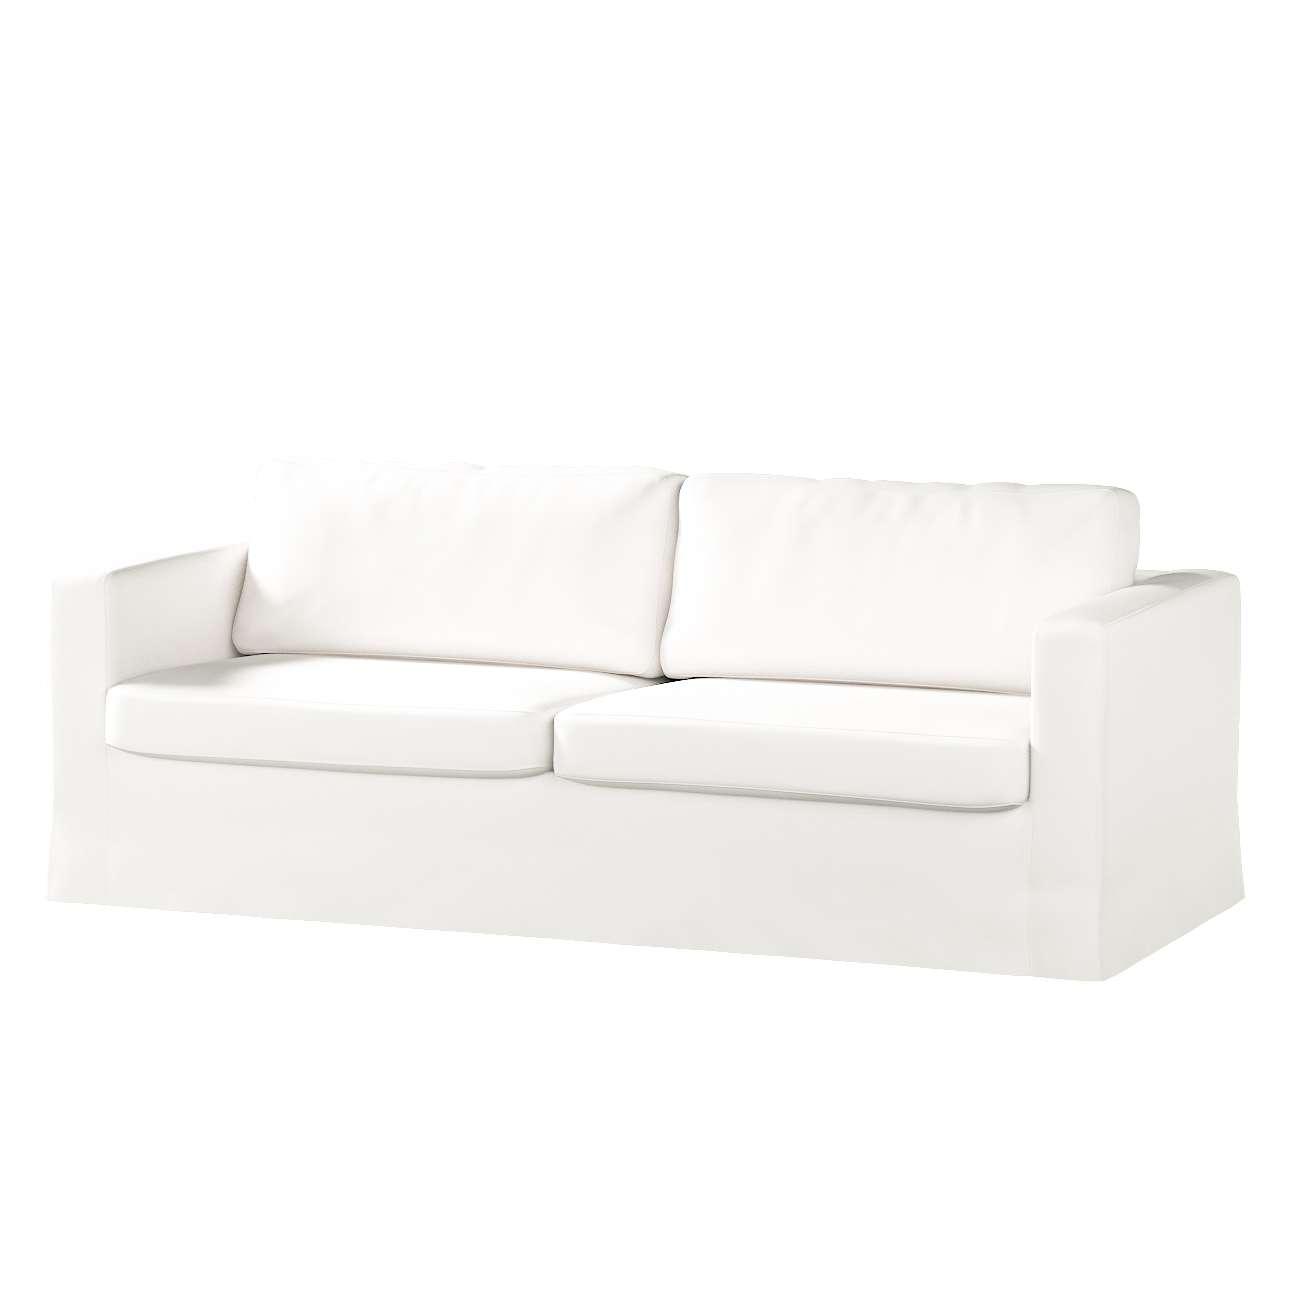 Poťah na sedačku Karlstad (nerozkladá sa, pre 3 osoby, dlhá) V kolekcii Cotton Panama, tkanina: 702-34